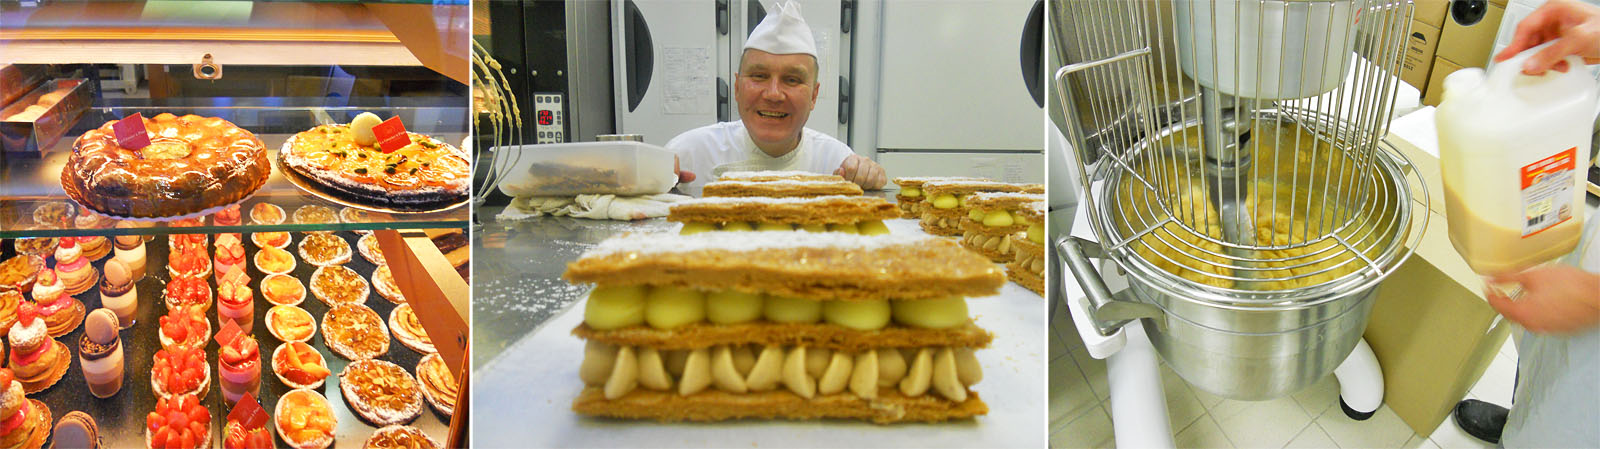 Юрий действительно опытный шеф-пекарь. Есть чему поучиться.